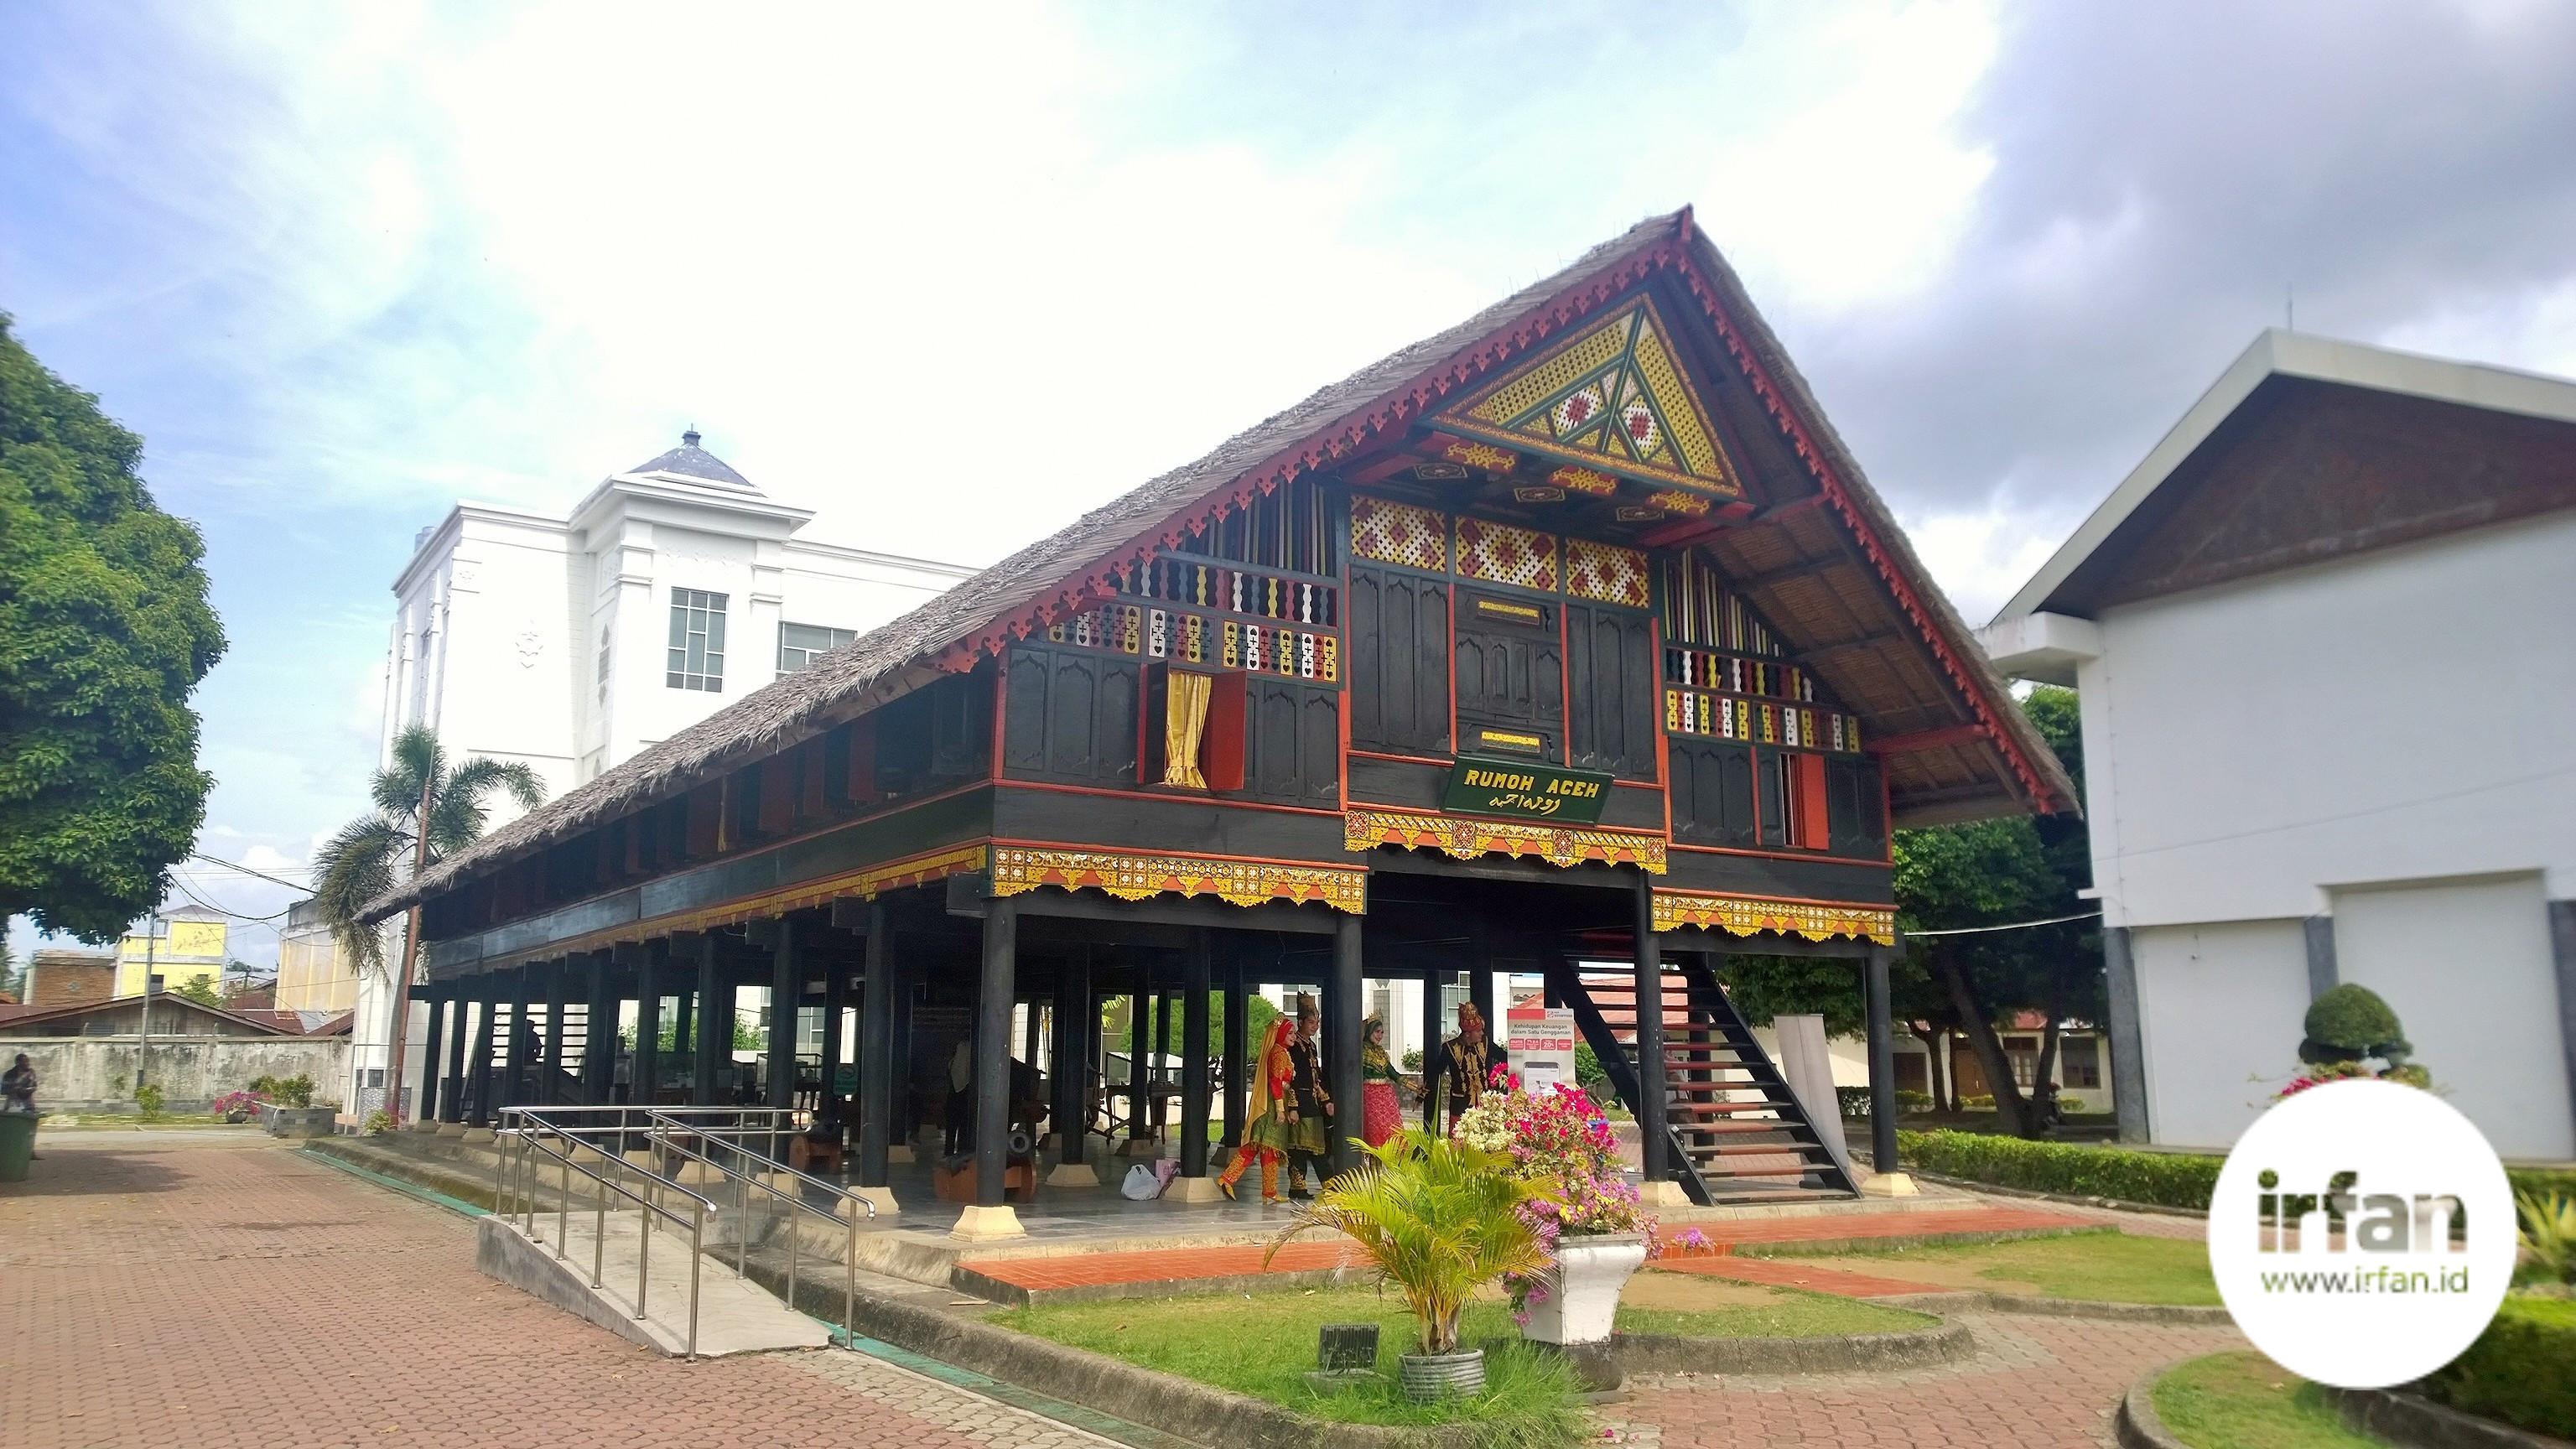 FOTO: Museum Negeri Aceh, Wisata Sejarah Yang Wajib Dikunjungi 39